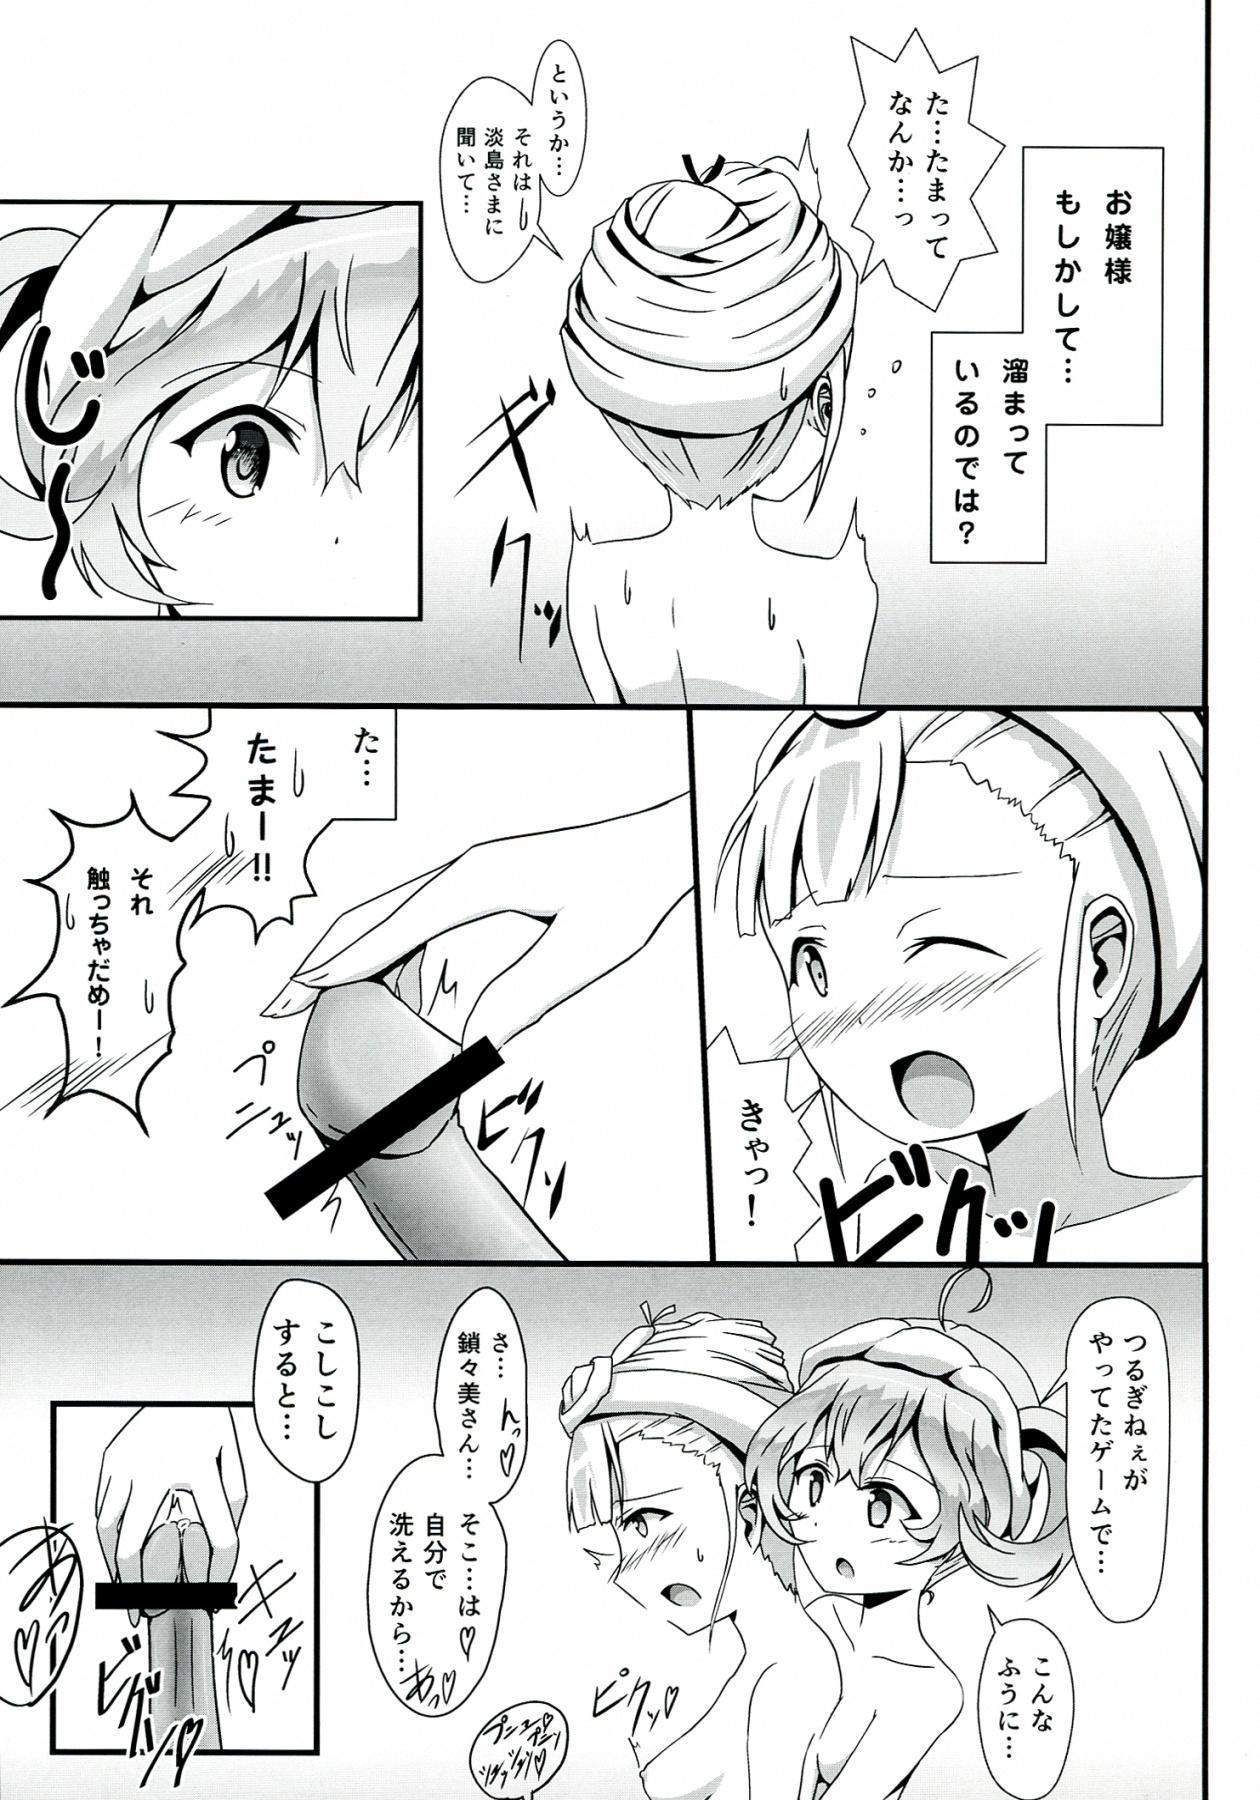 SASAMI-san LINK! 11